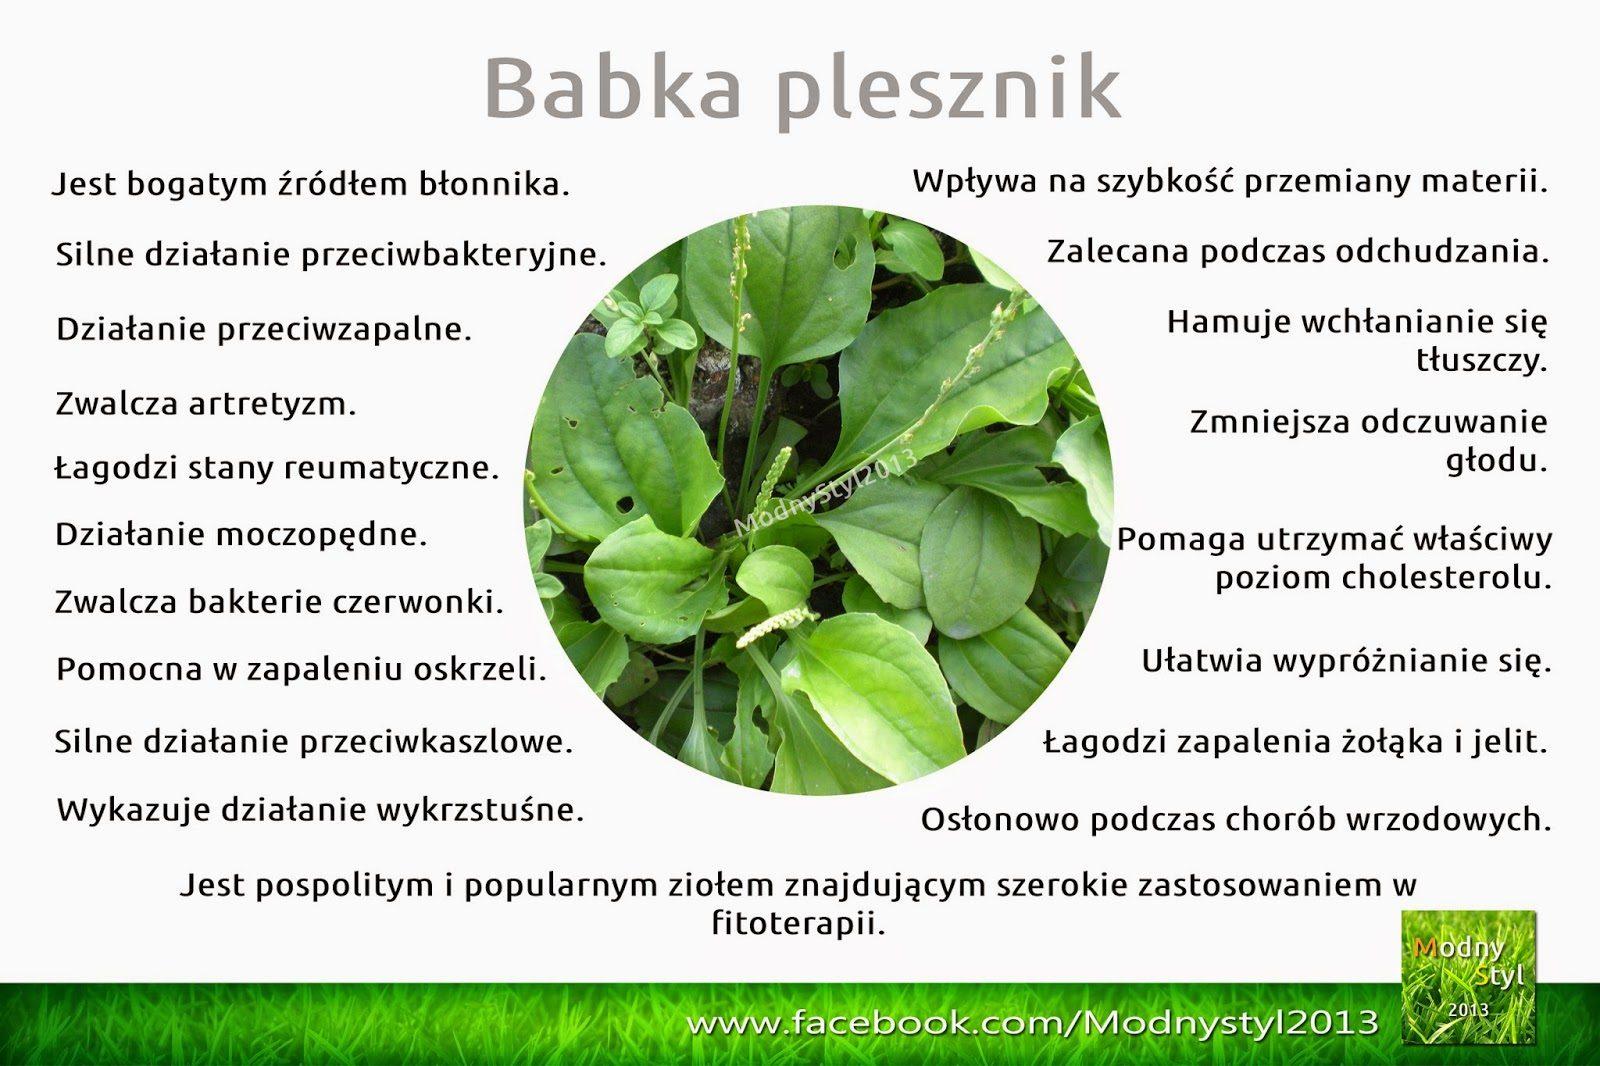 babka2bplesznik-5842253